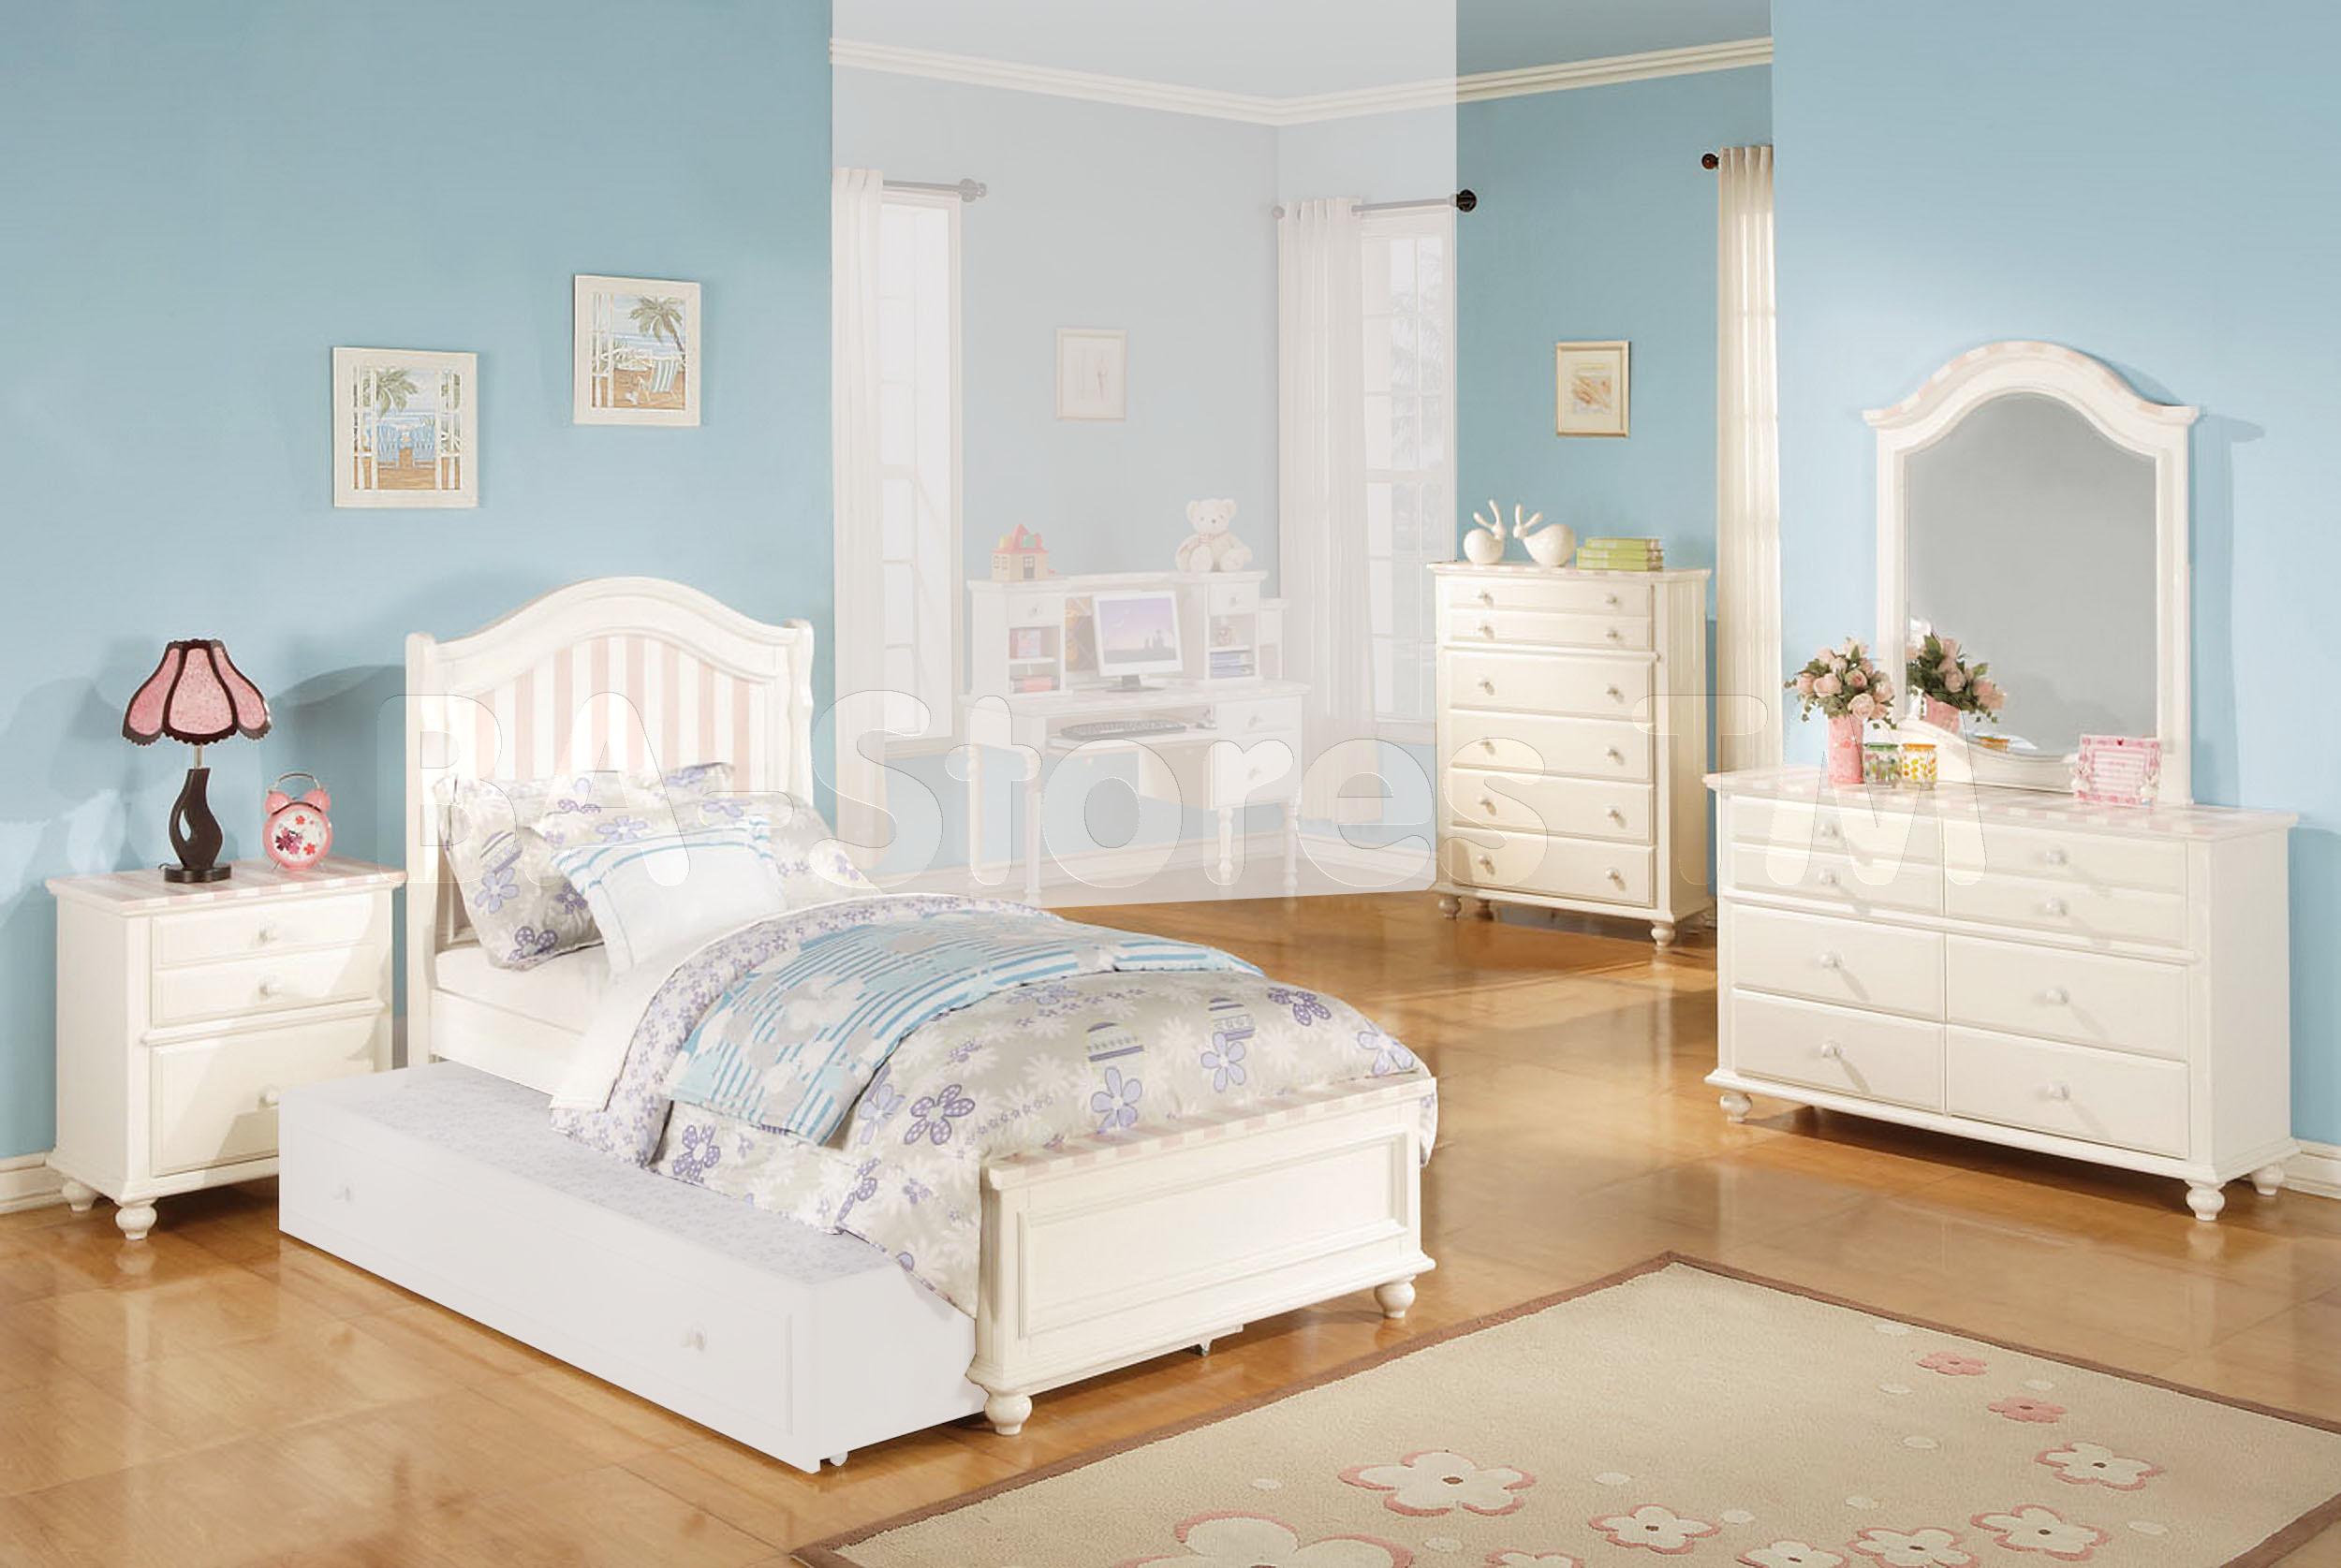 kids bedroom furniture sets for girls photo - 3